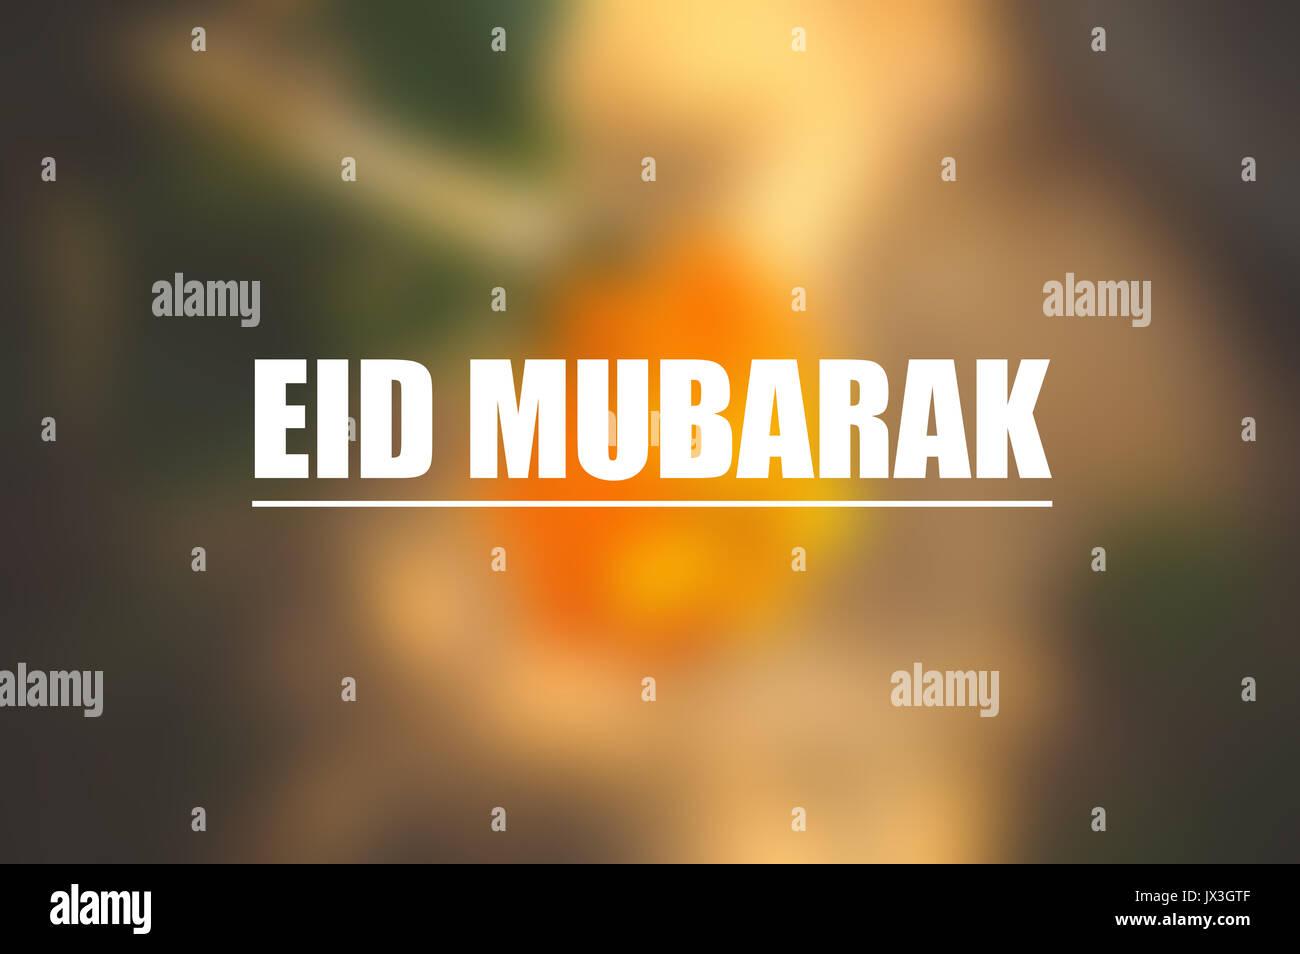 Eid mubarak stock photos eid mubarak stock images alamy eid mubarak card with blurring nature background stock image m4hsunfo